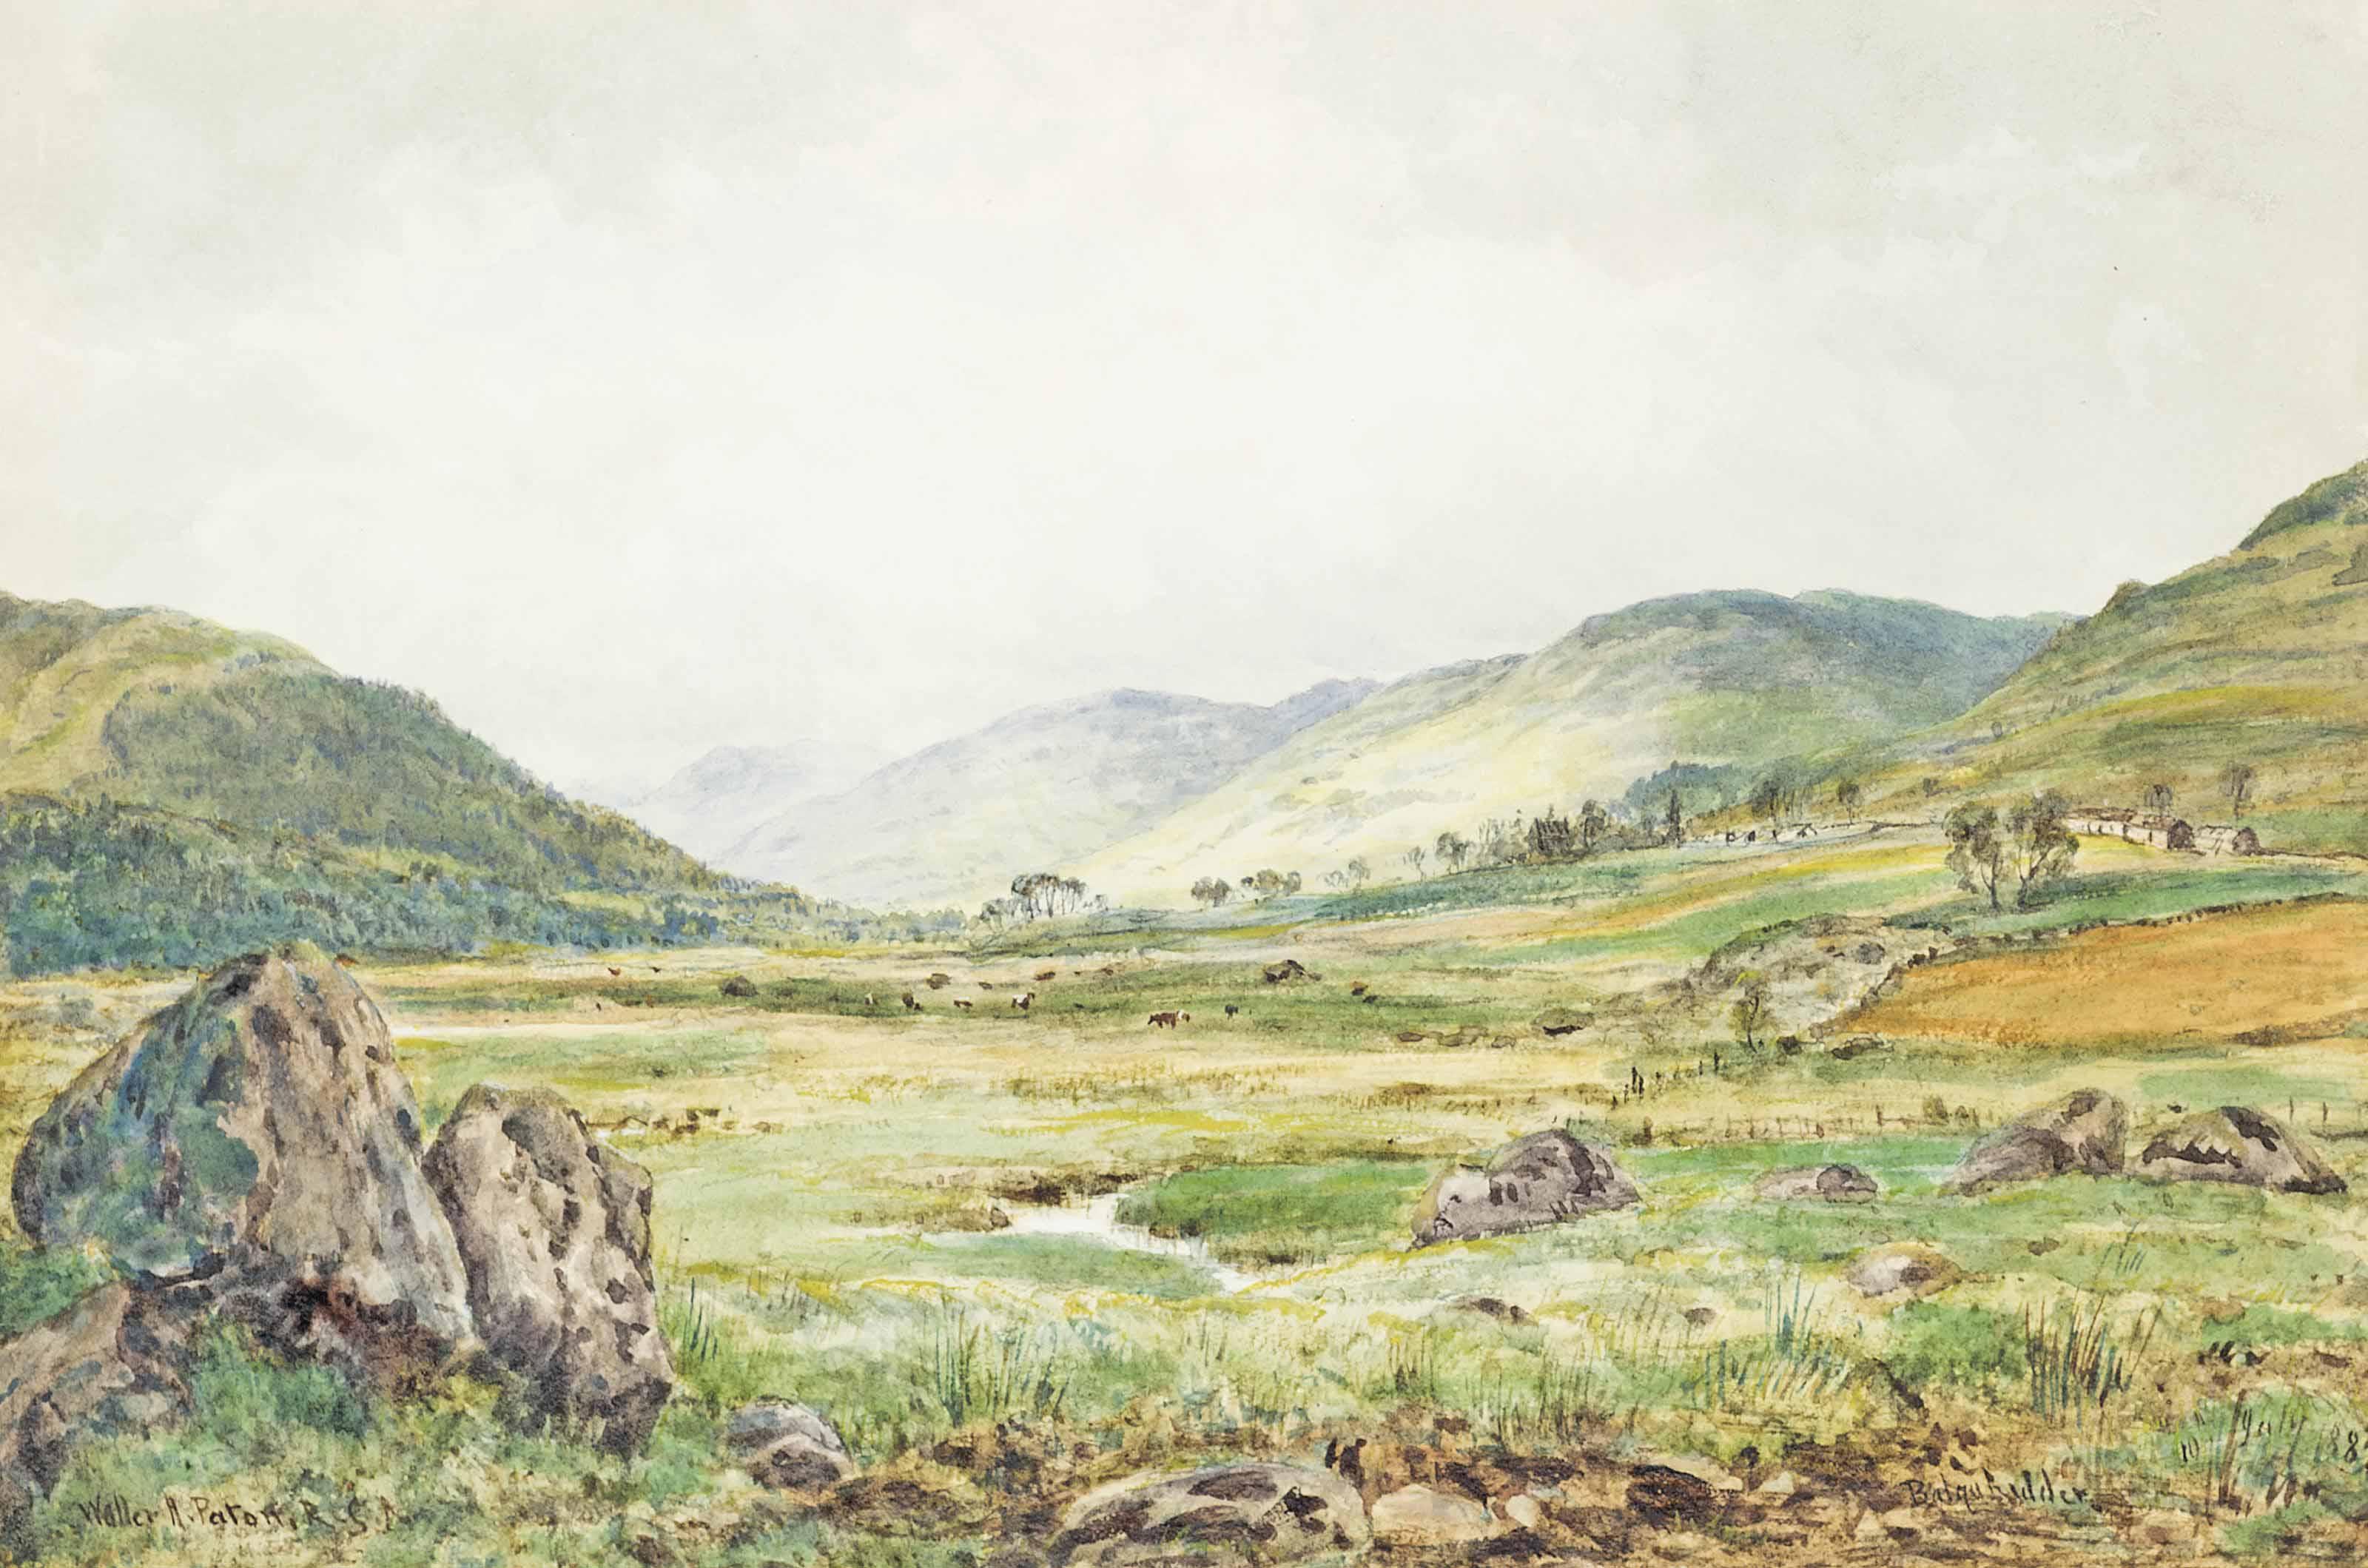 Balquhidder, Stirling